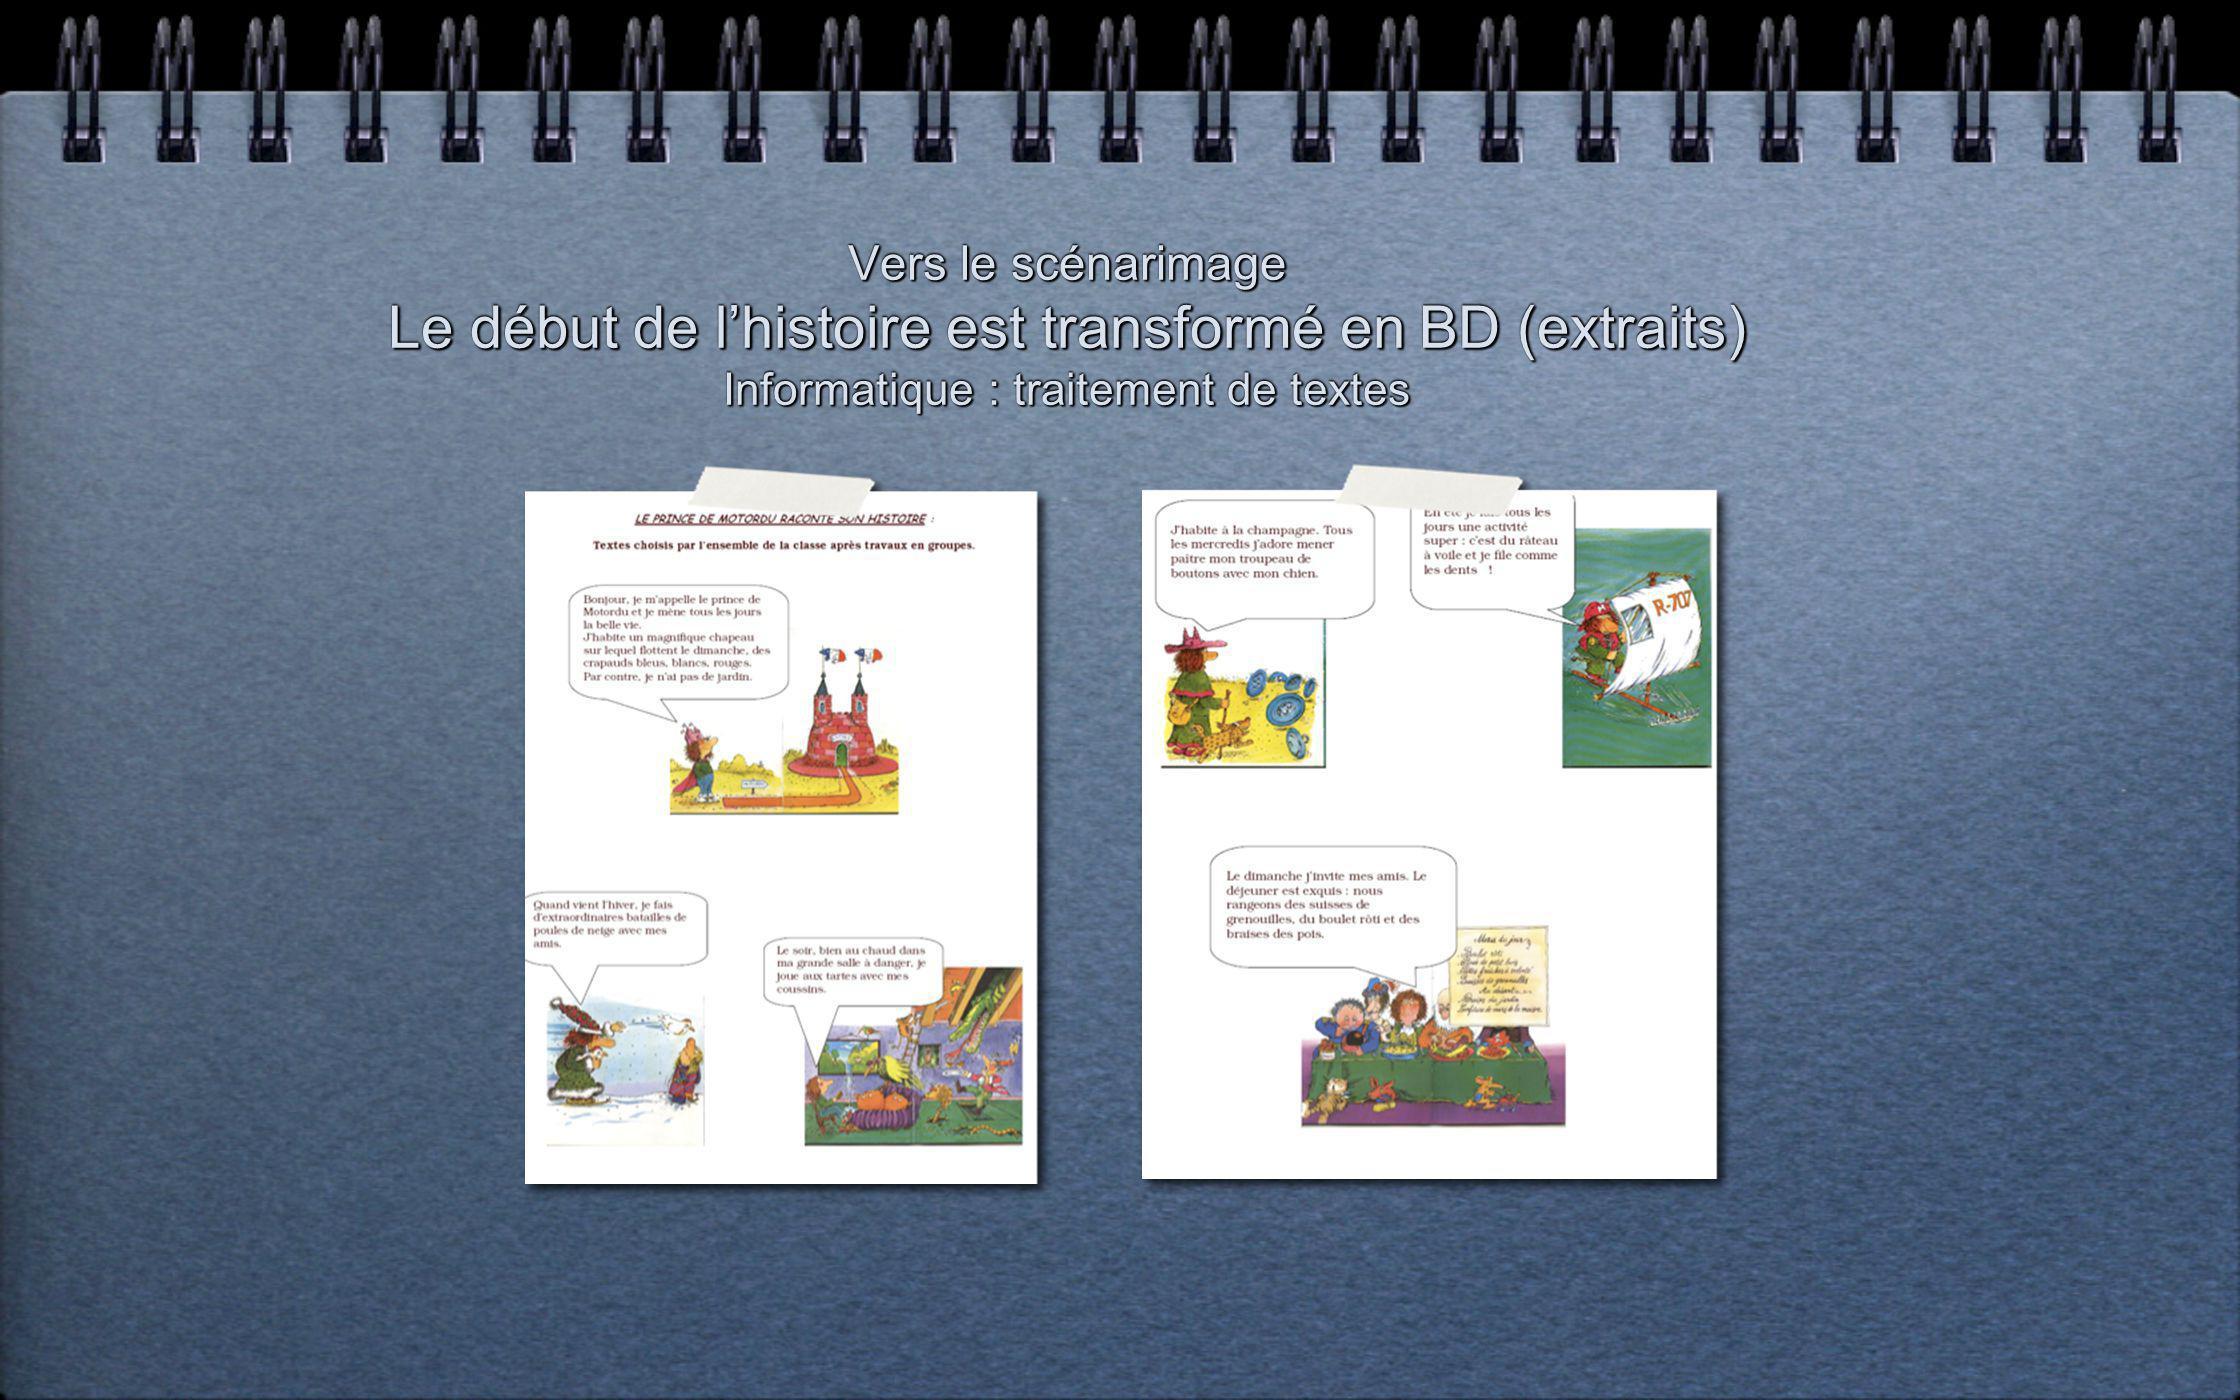 Vers le scénarimage Le début de l'histoire est transformé en BD (extraits) Informatique : traitement de textes